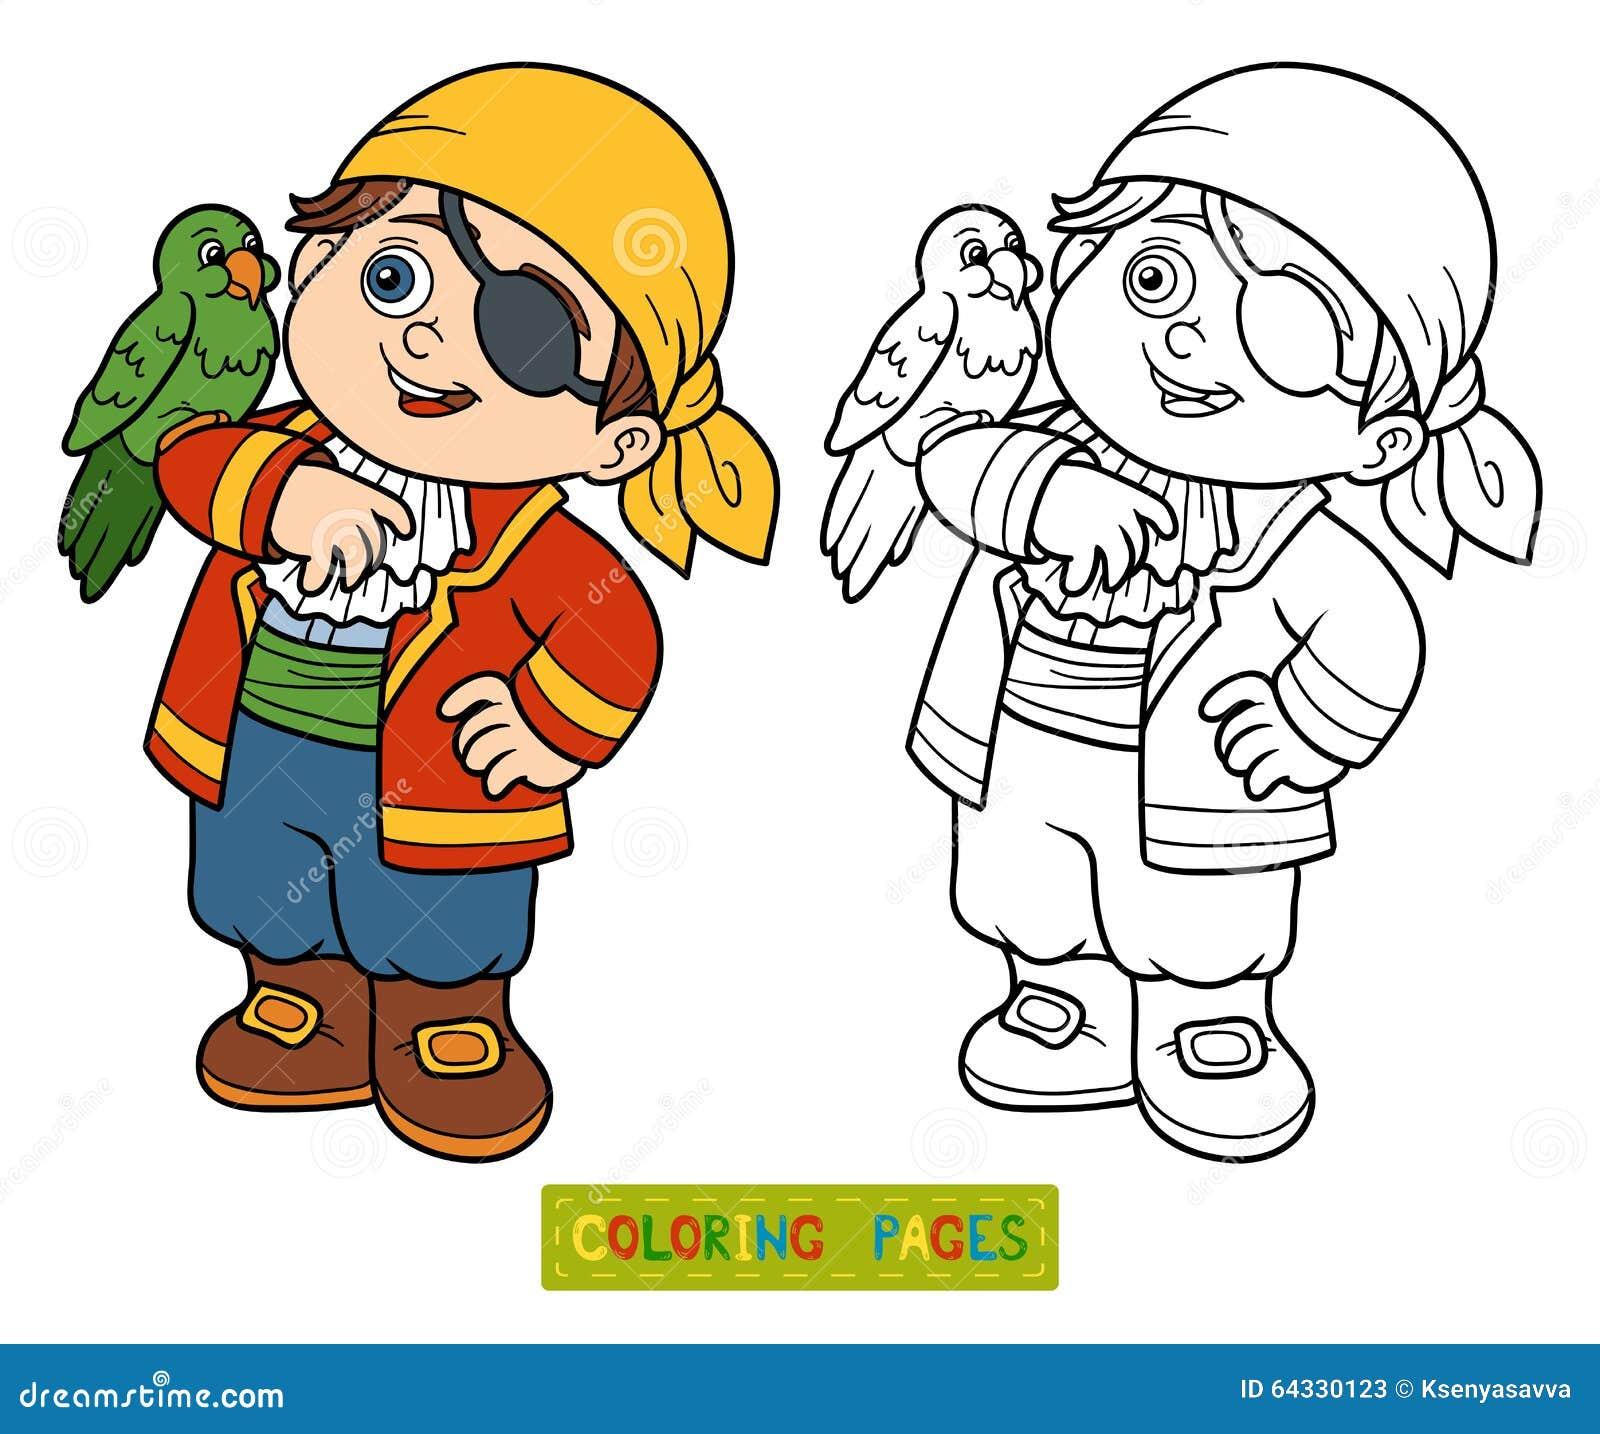 Pirati Da Colorare Per Bambini Fredrotgans